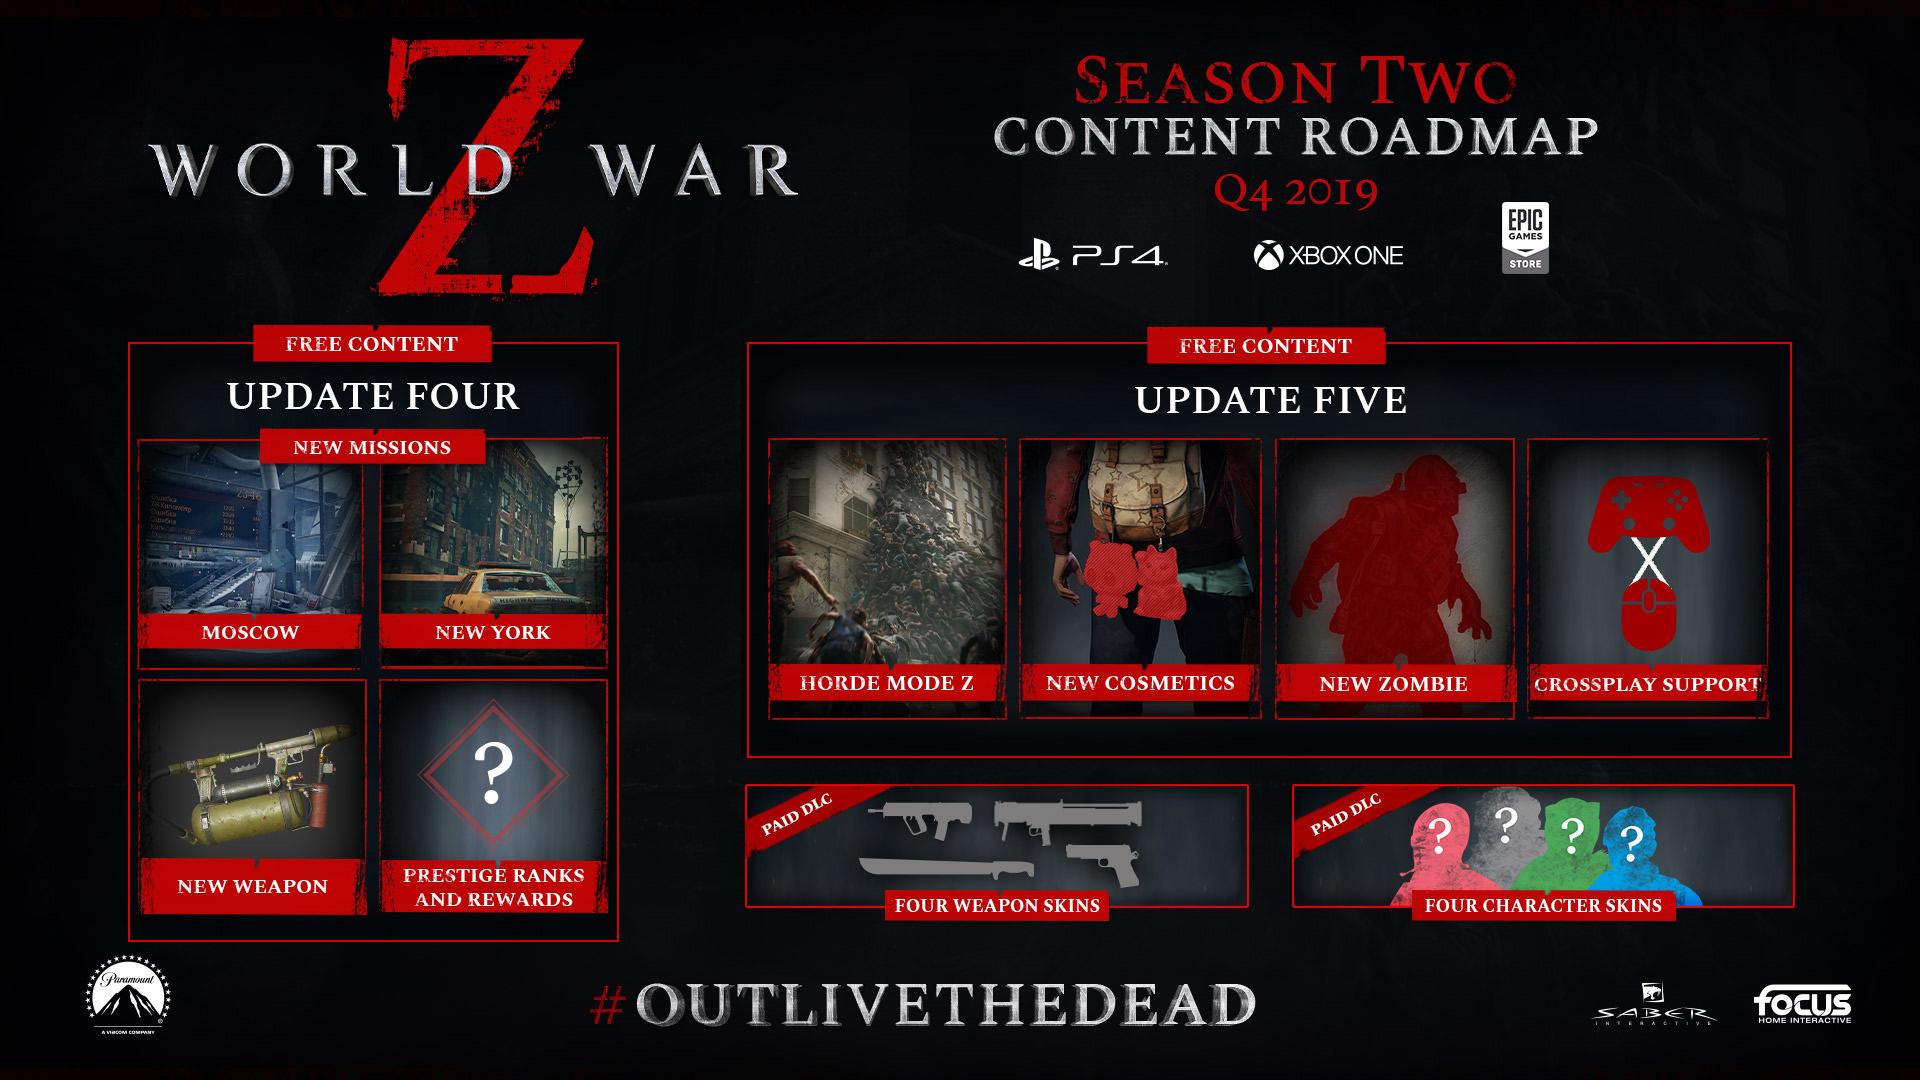 Desvelados los contenidos de la Segunda Temporada de World War Z